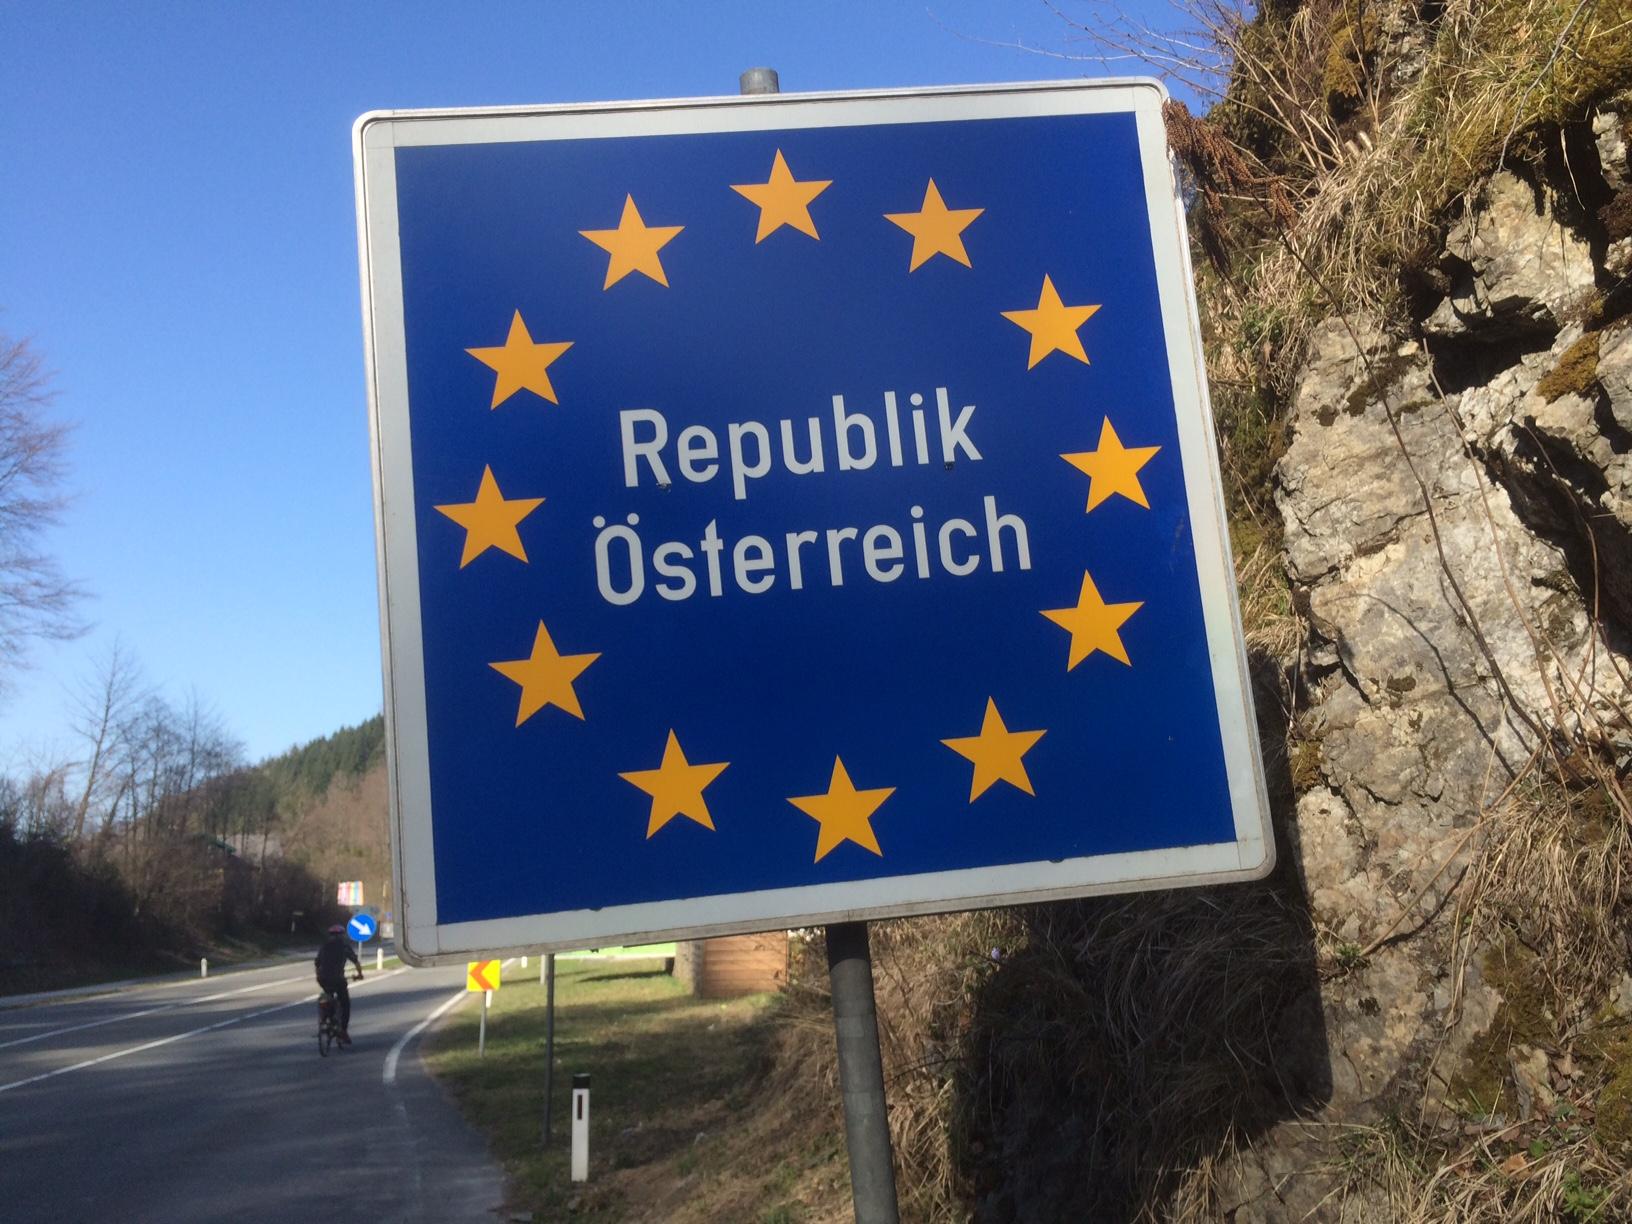 A Republic Of Ostriches